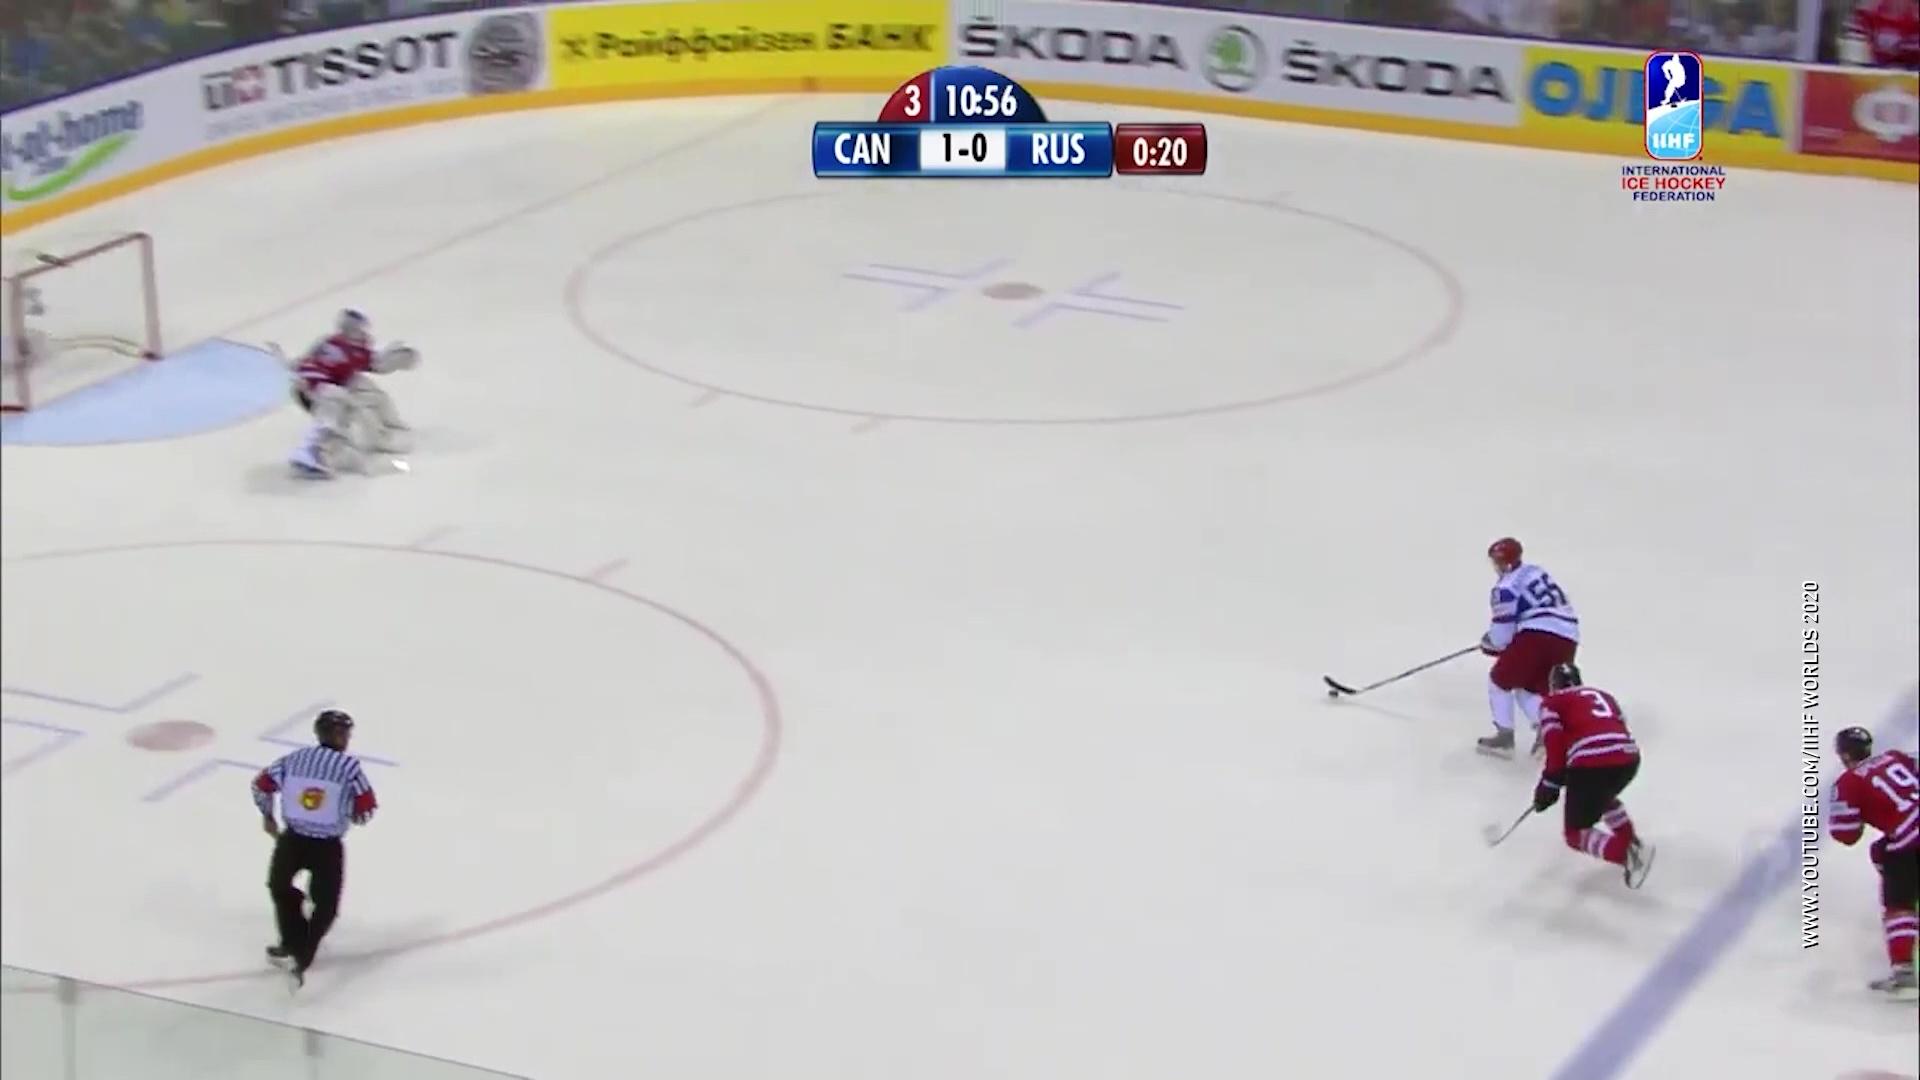 Международная федерация хоккея утвердила состав групп на чемпионат мира - 2021